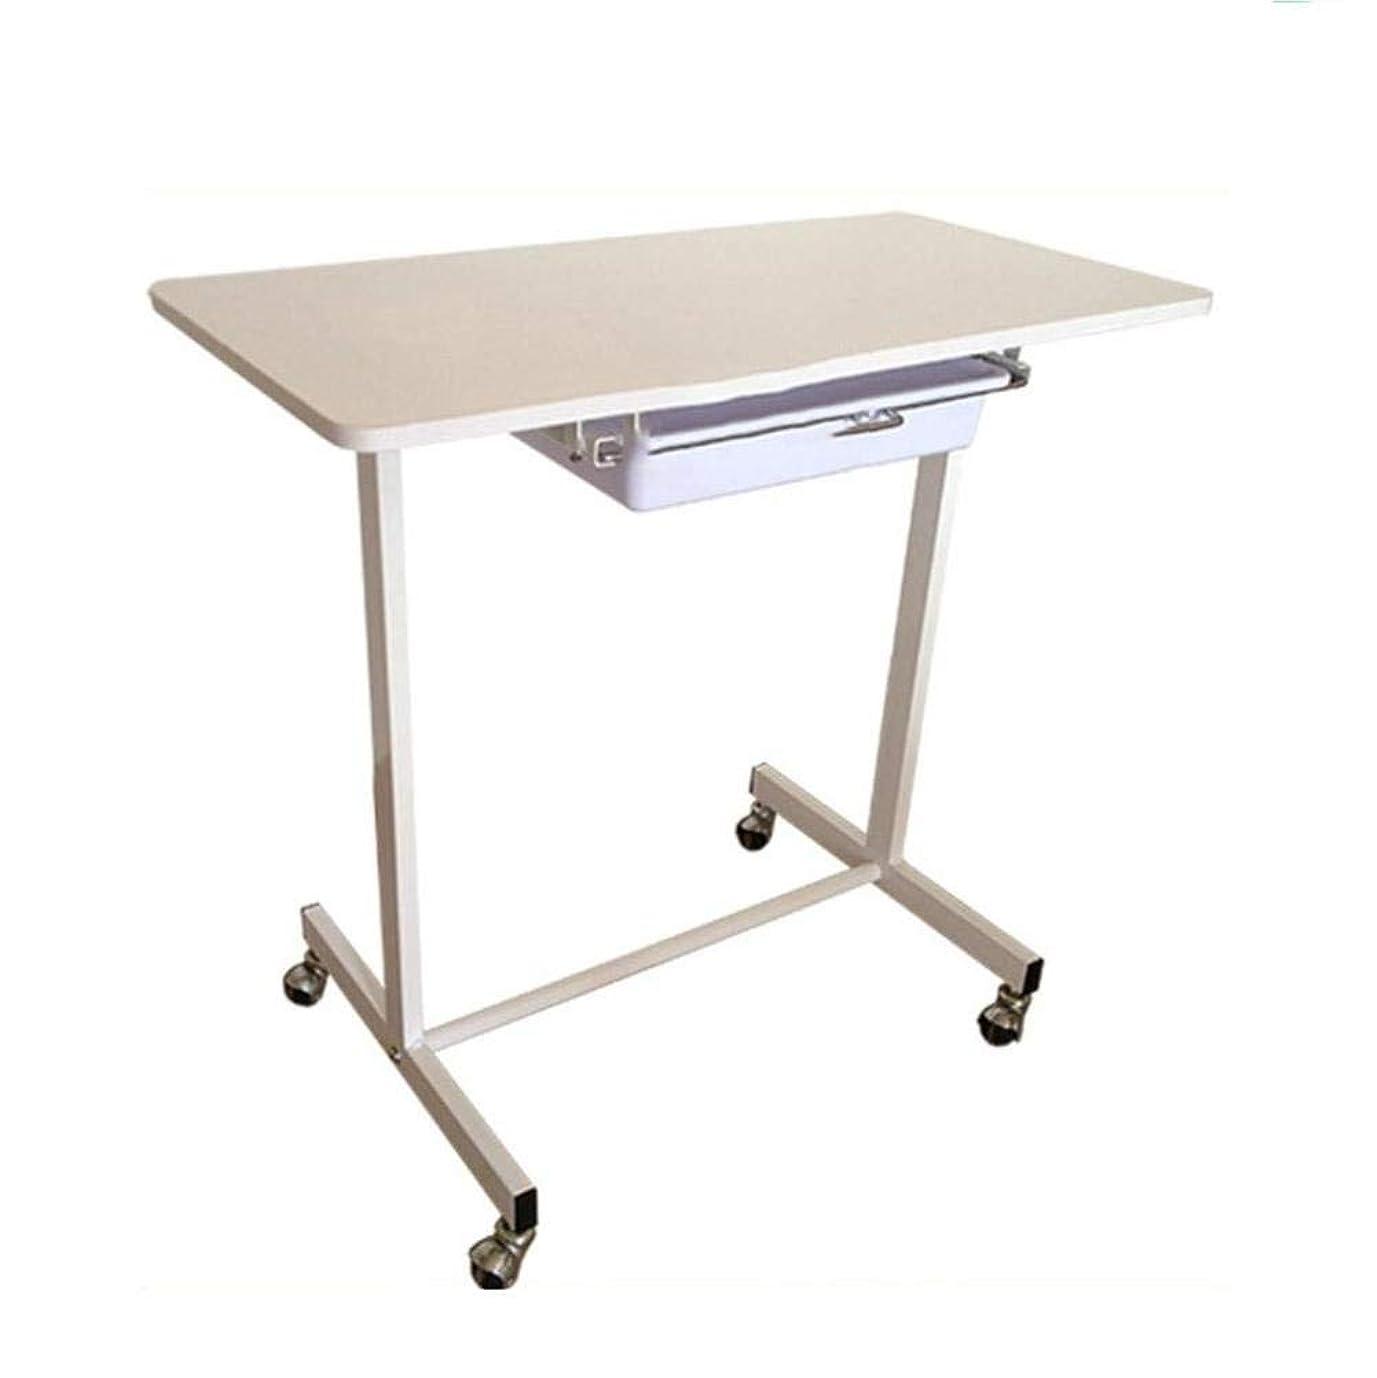 慎重におとうさん水星ネイルテーブルポータブルマニキュアテーブルベントネイルデスクワークステーションサロンスパネイルアートビューティーサロン家具